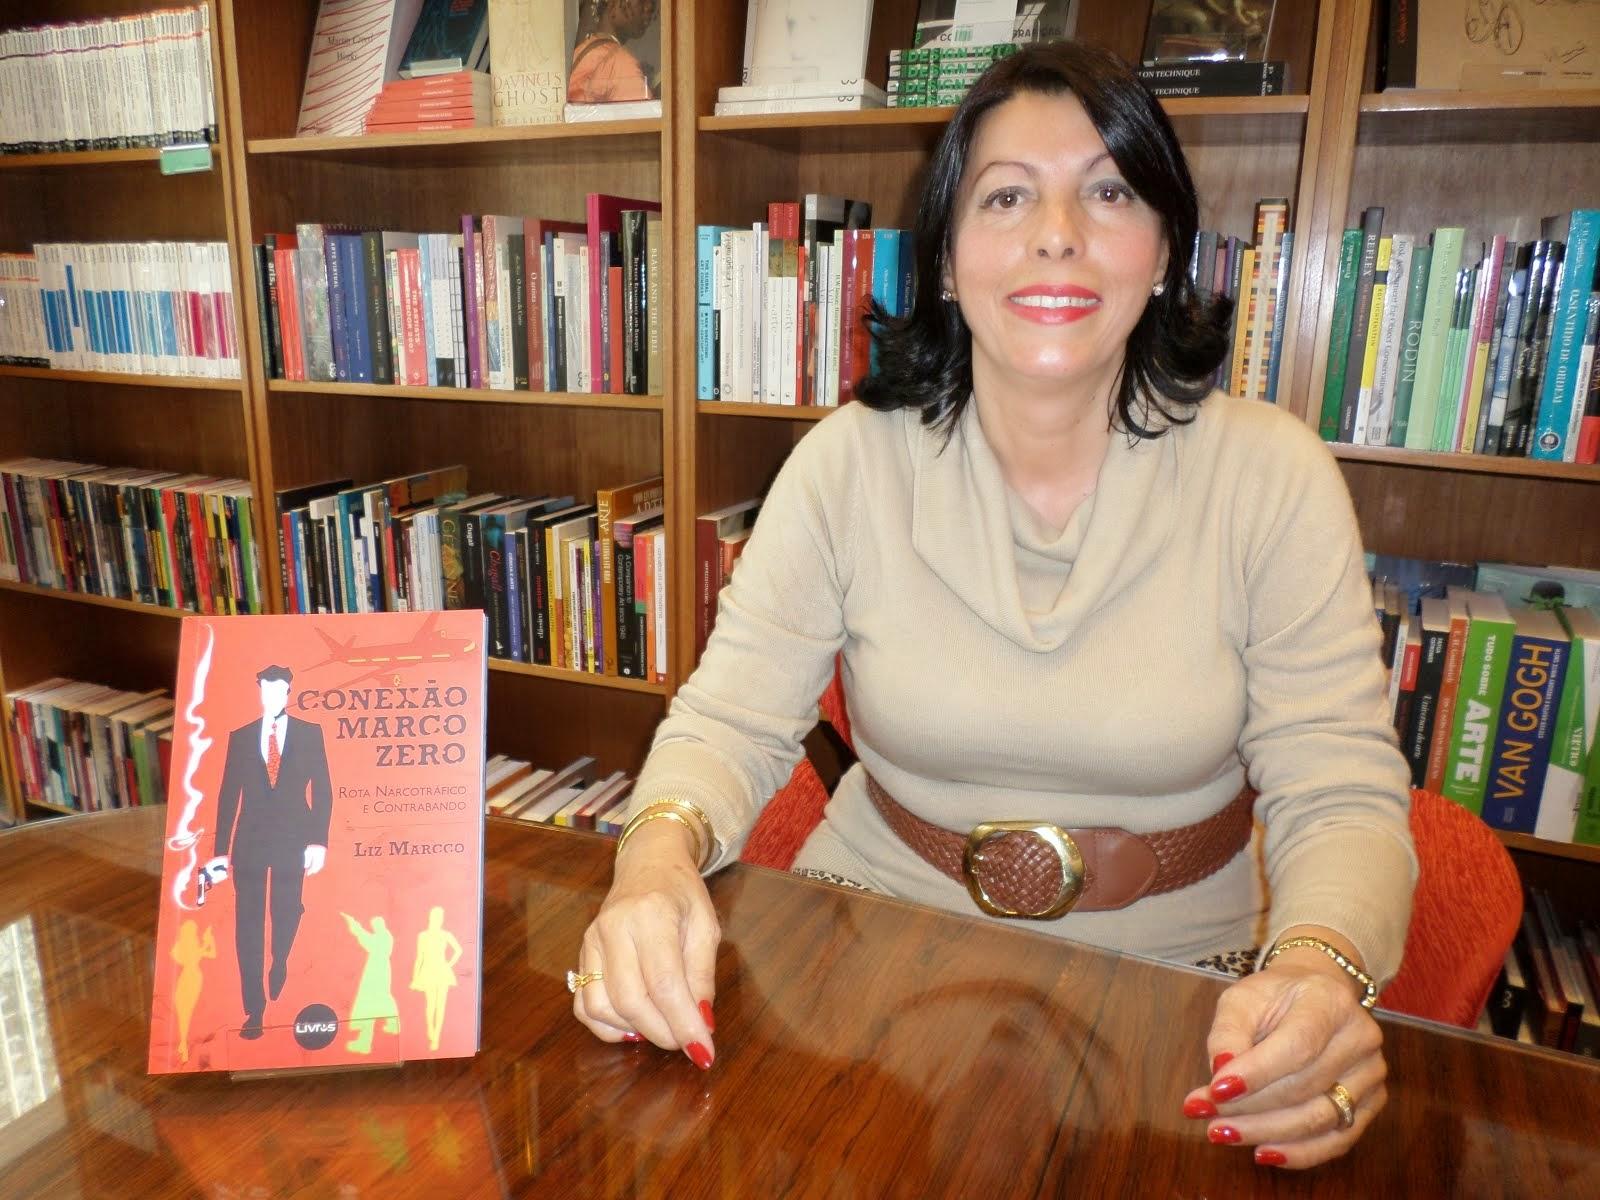 Entrevista com  Liz Marcco-L'Associazione Culturale Internazionale Mandala